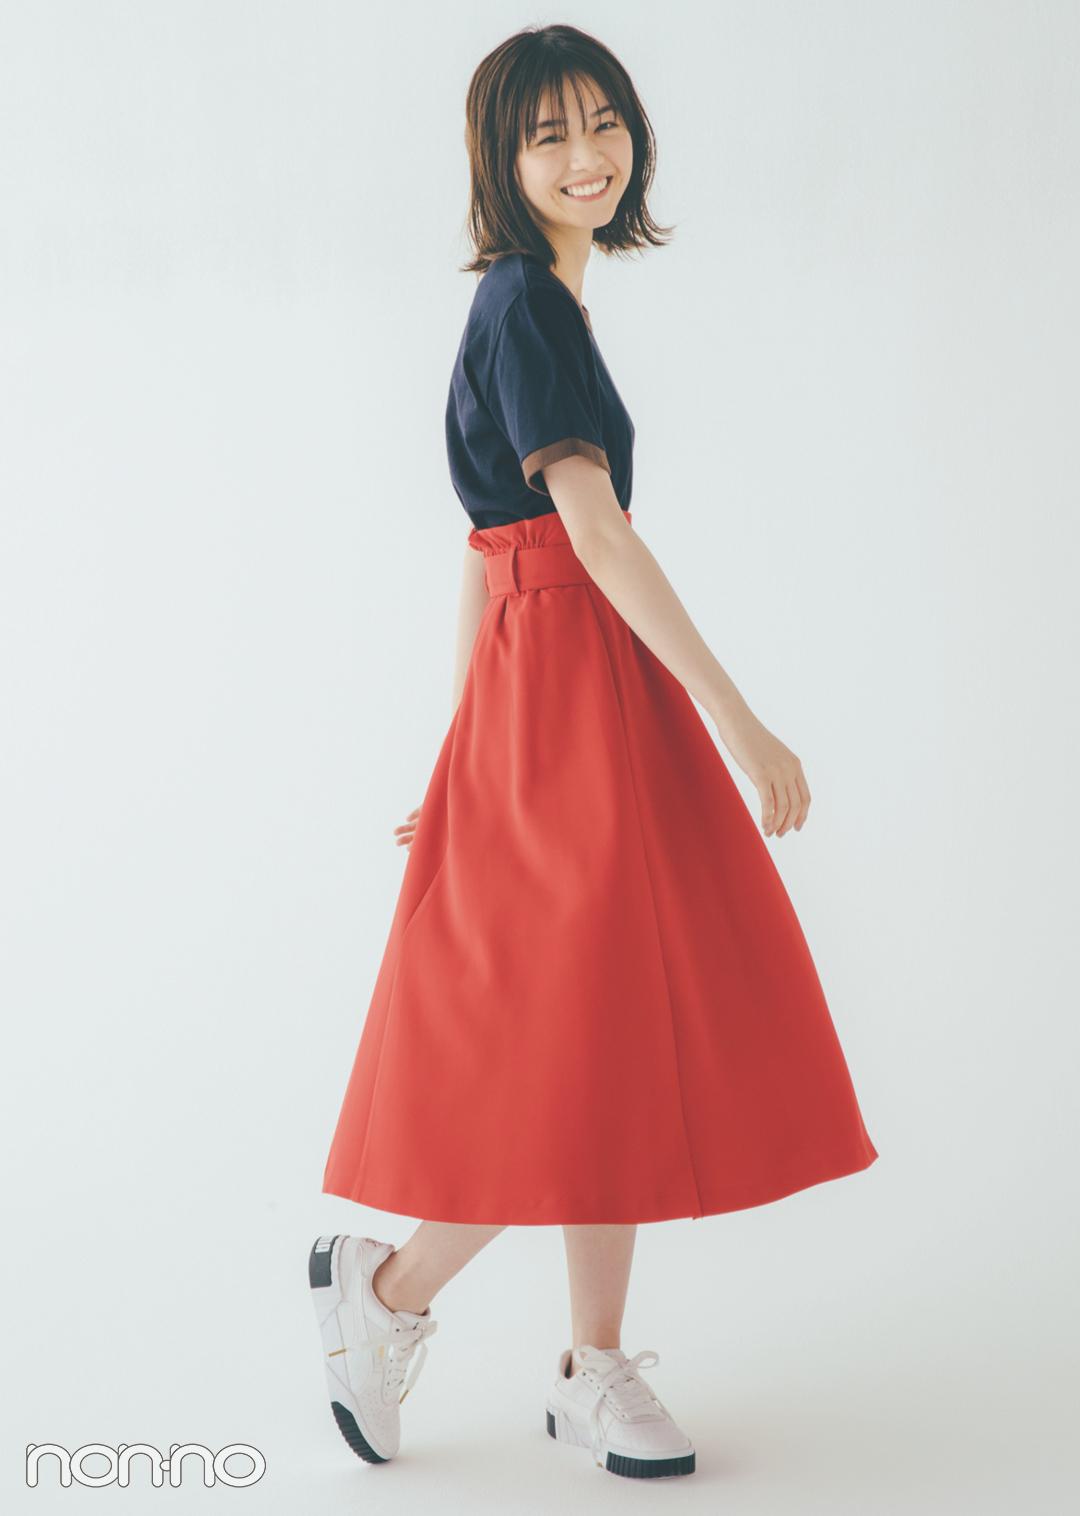 貴島明日香の赤×白×ネイビーがお手本! 好感度&おしゃれ感どっちも♡  _1_3-4